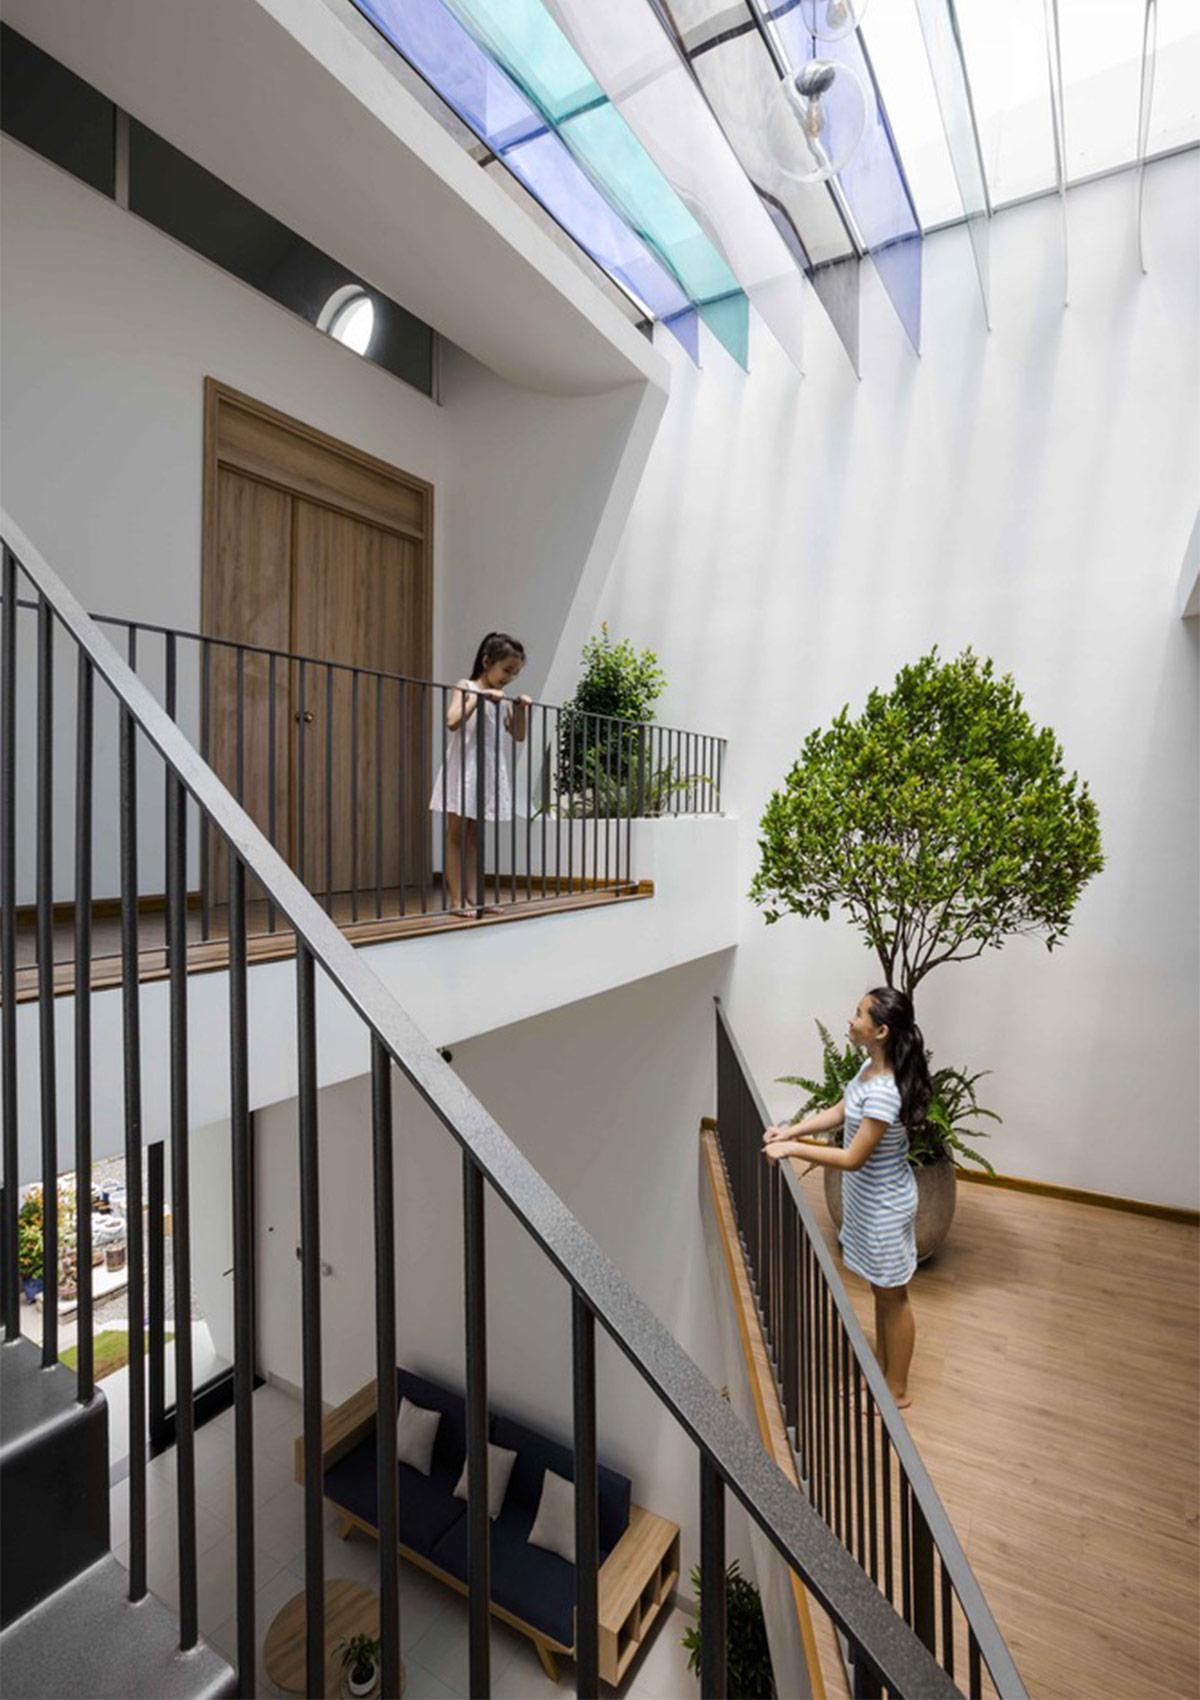 thiết kế nhà tràn ngập ánh sáng